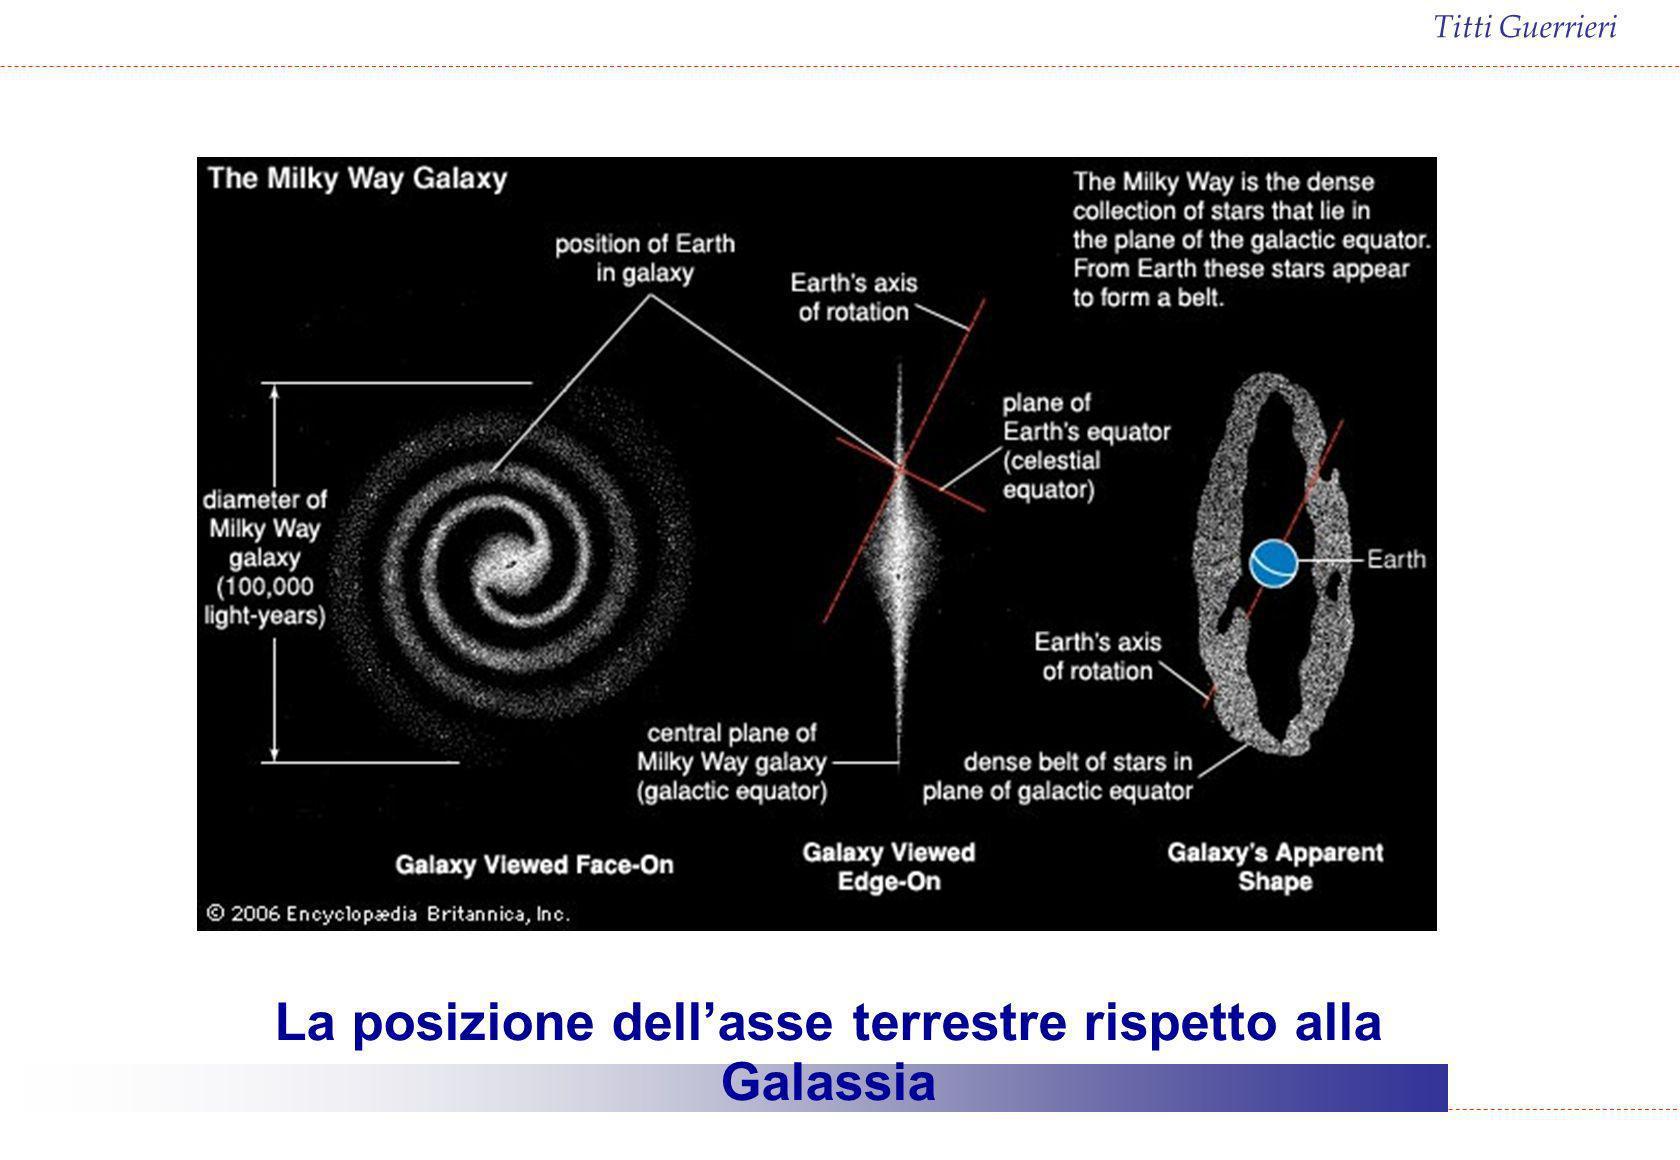 La posizione dell'asse terrestre rispetto alla Galassia